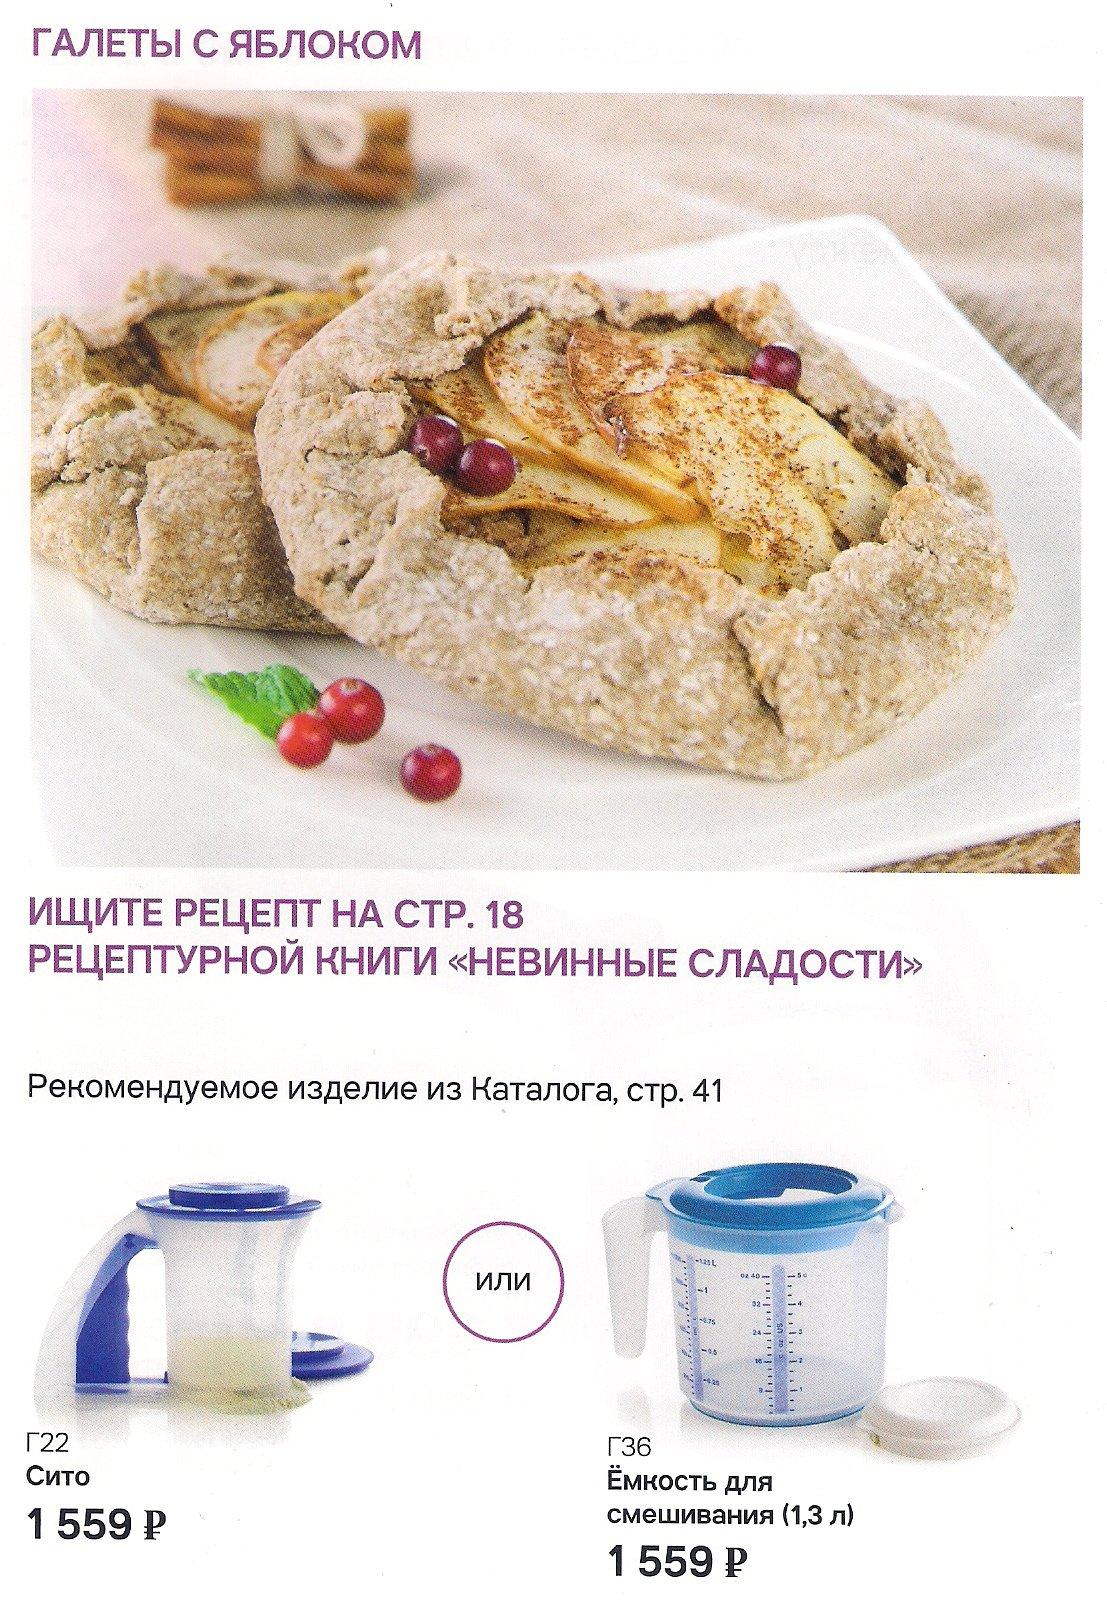 http://tupperware-online.ru/images/upload/14b.jpg